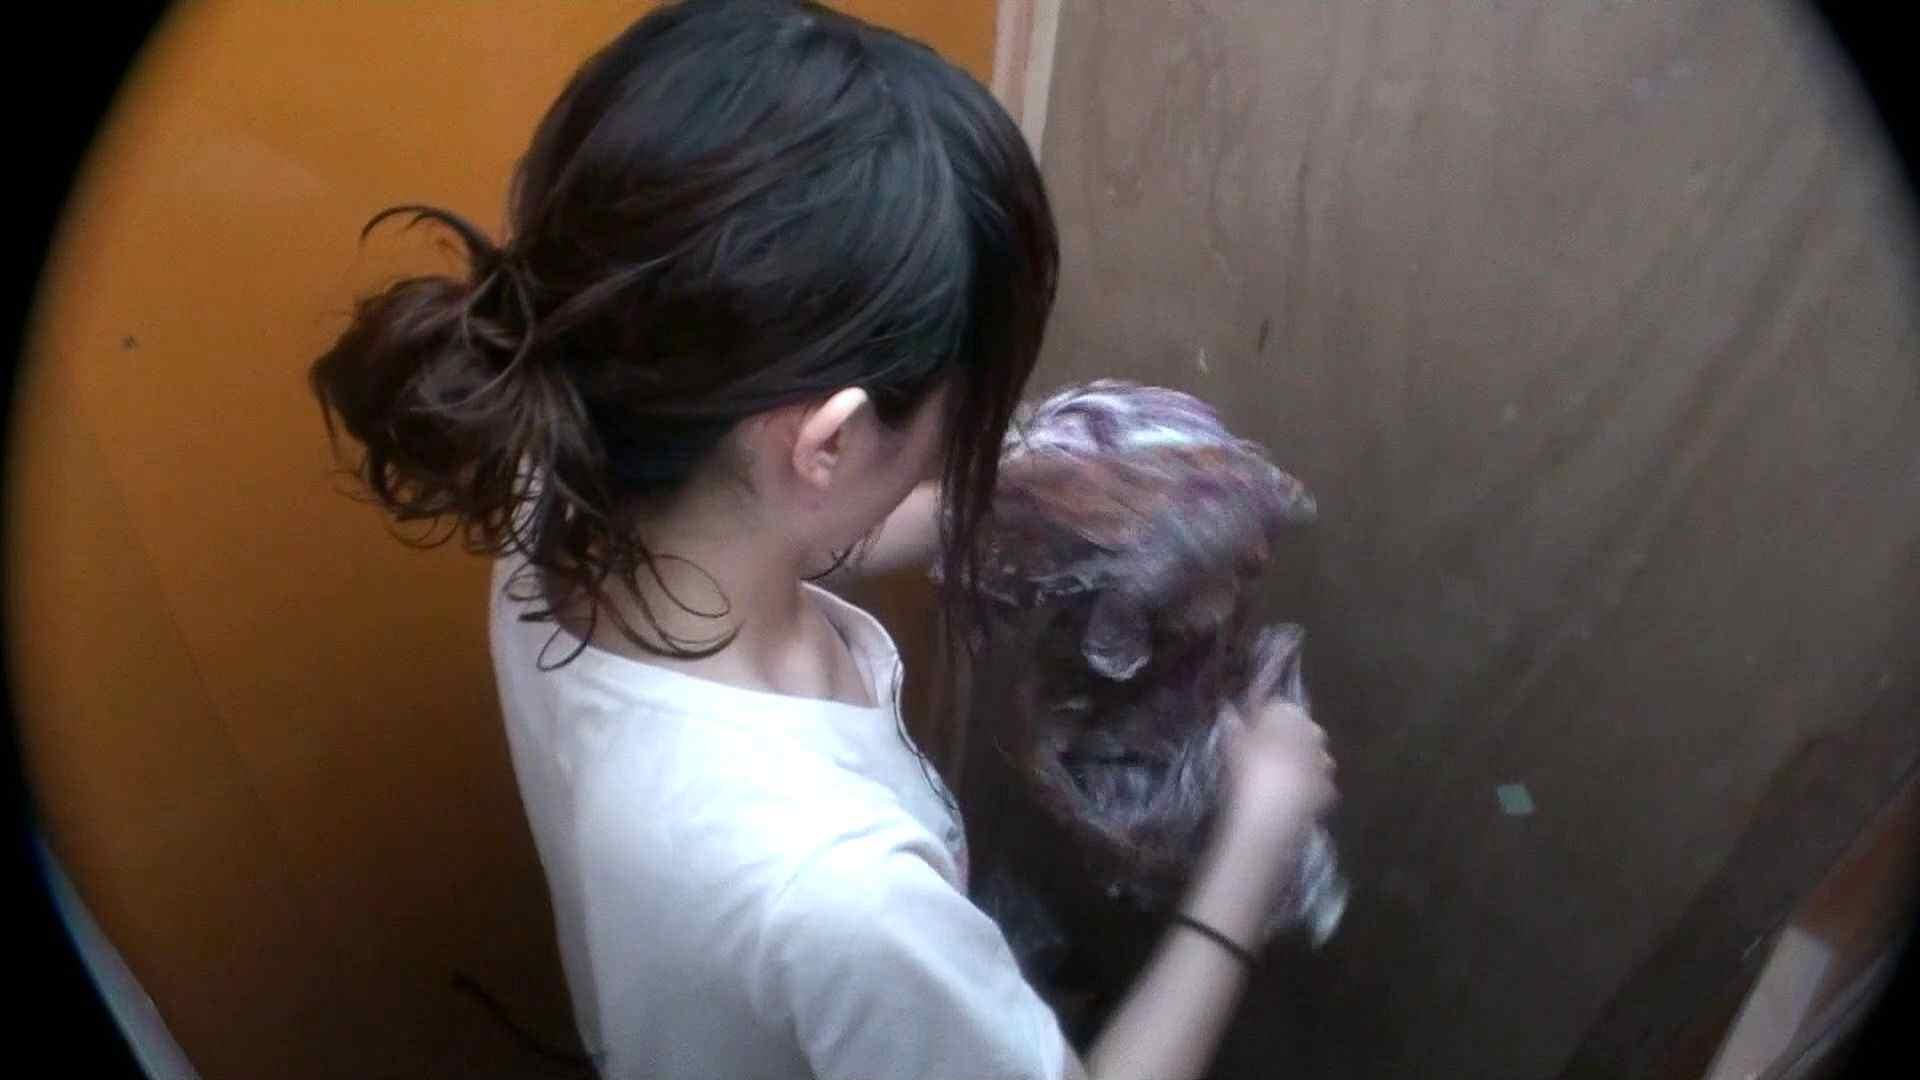 シャワールームは超!!危険な香りVol.29 こっちを向いて欲しい貧乳姉さん 脱衣所の着替え   貧乳編  85画像 85